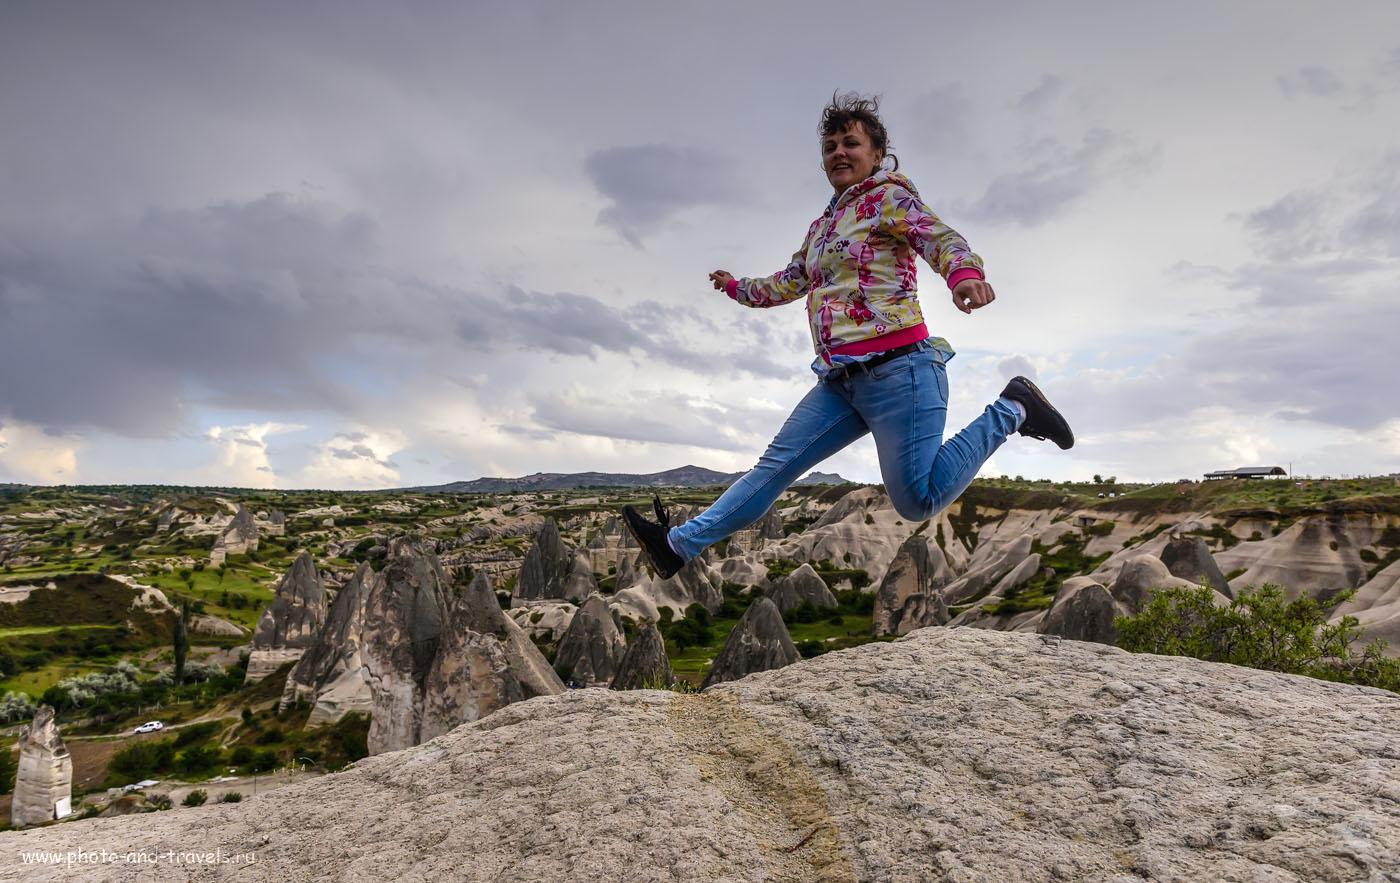 Фотография 14. Полеты над Каппадокией. Деревня Göreme – центр природного парка. Отчеты туристов об отдыхе в Турции дикарями. Тонмаппинг. 1/500, -1.0, 6.3, 500, 24.